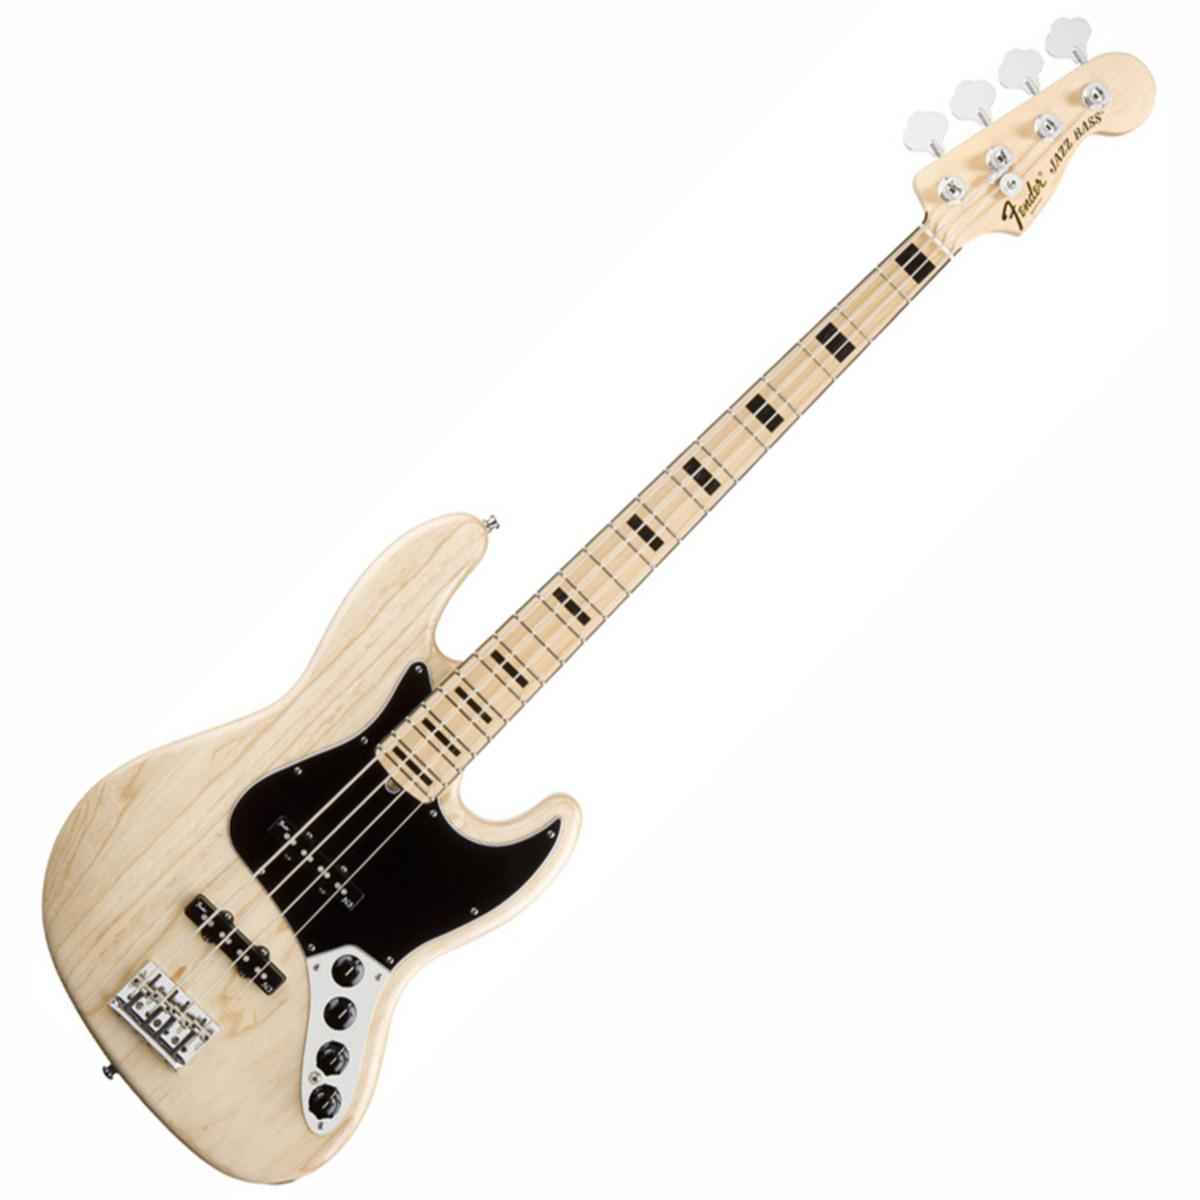 Circuito Jazz Bass Pasivo : Fender american deluxe jazz bass bajo cuerpo de fresno